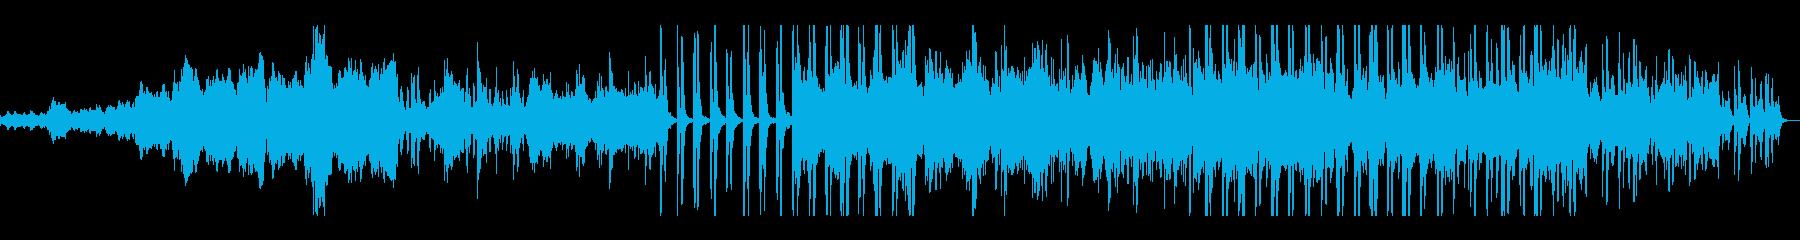 少し明るめなストリングス曲の再生済みの波形